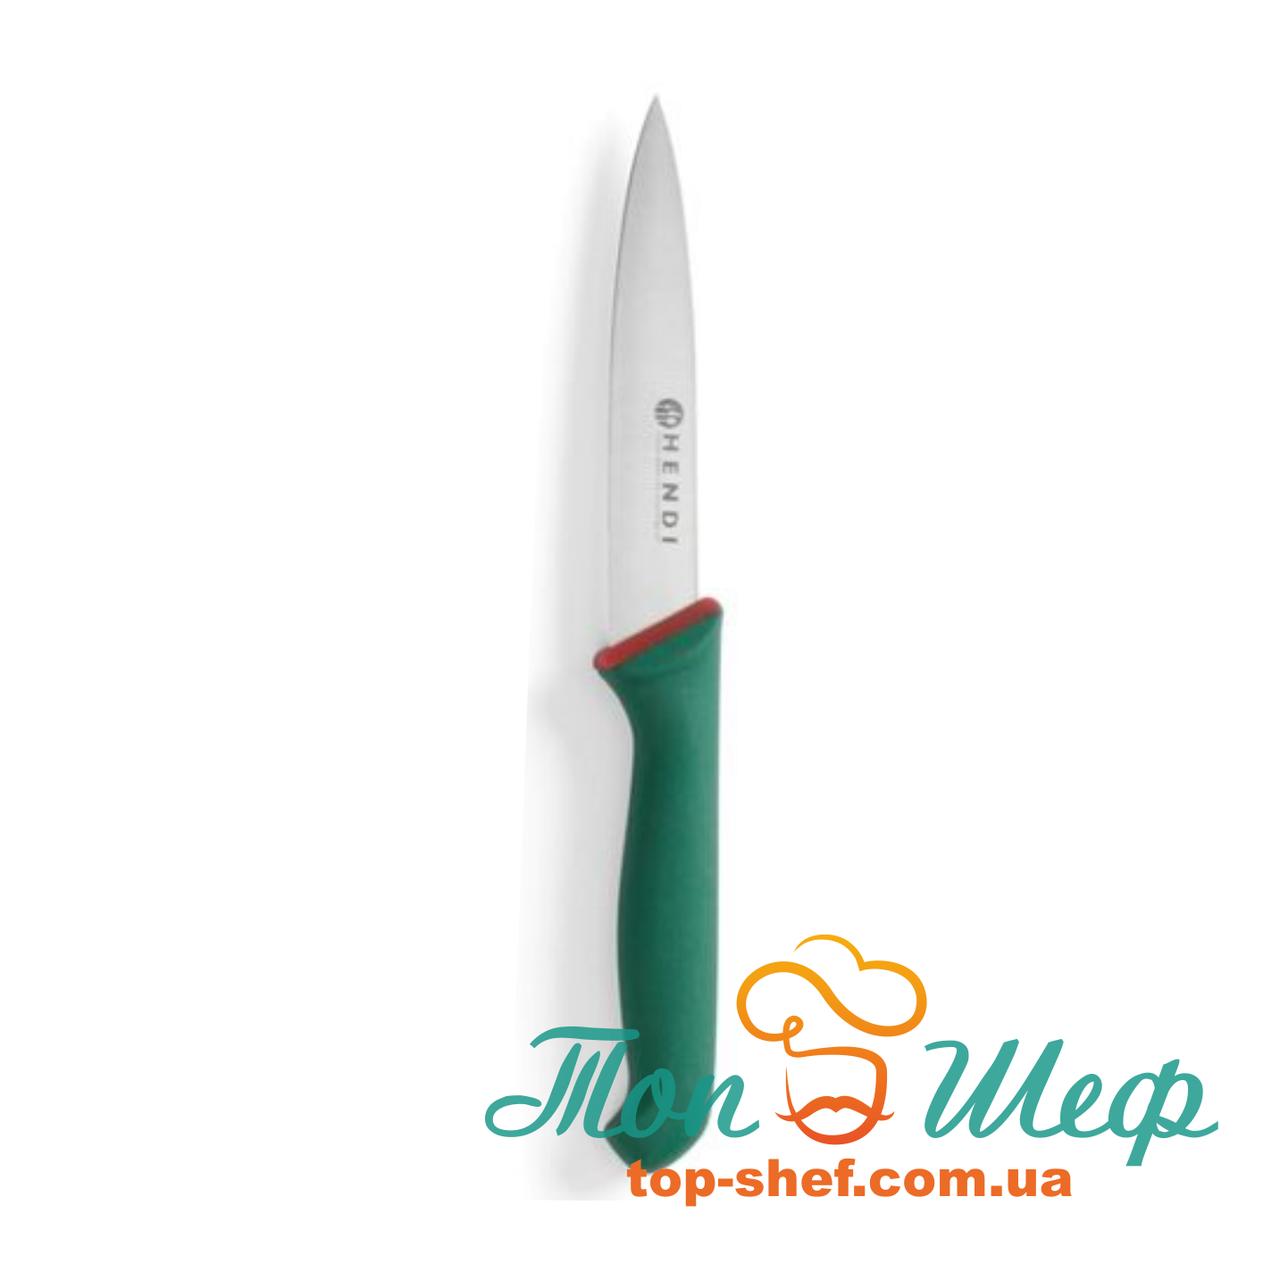 Нож для овощей 110/215 Green Line Hendi 843826